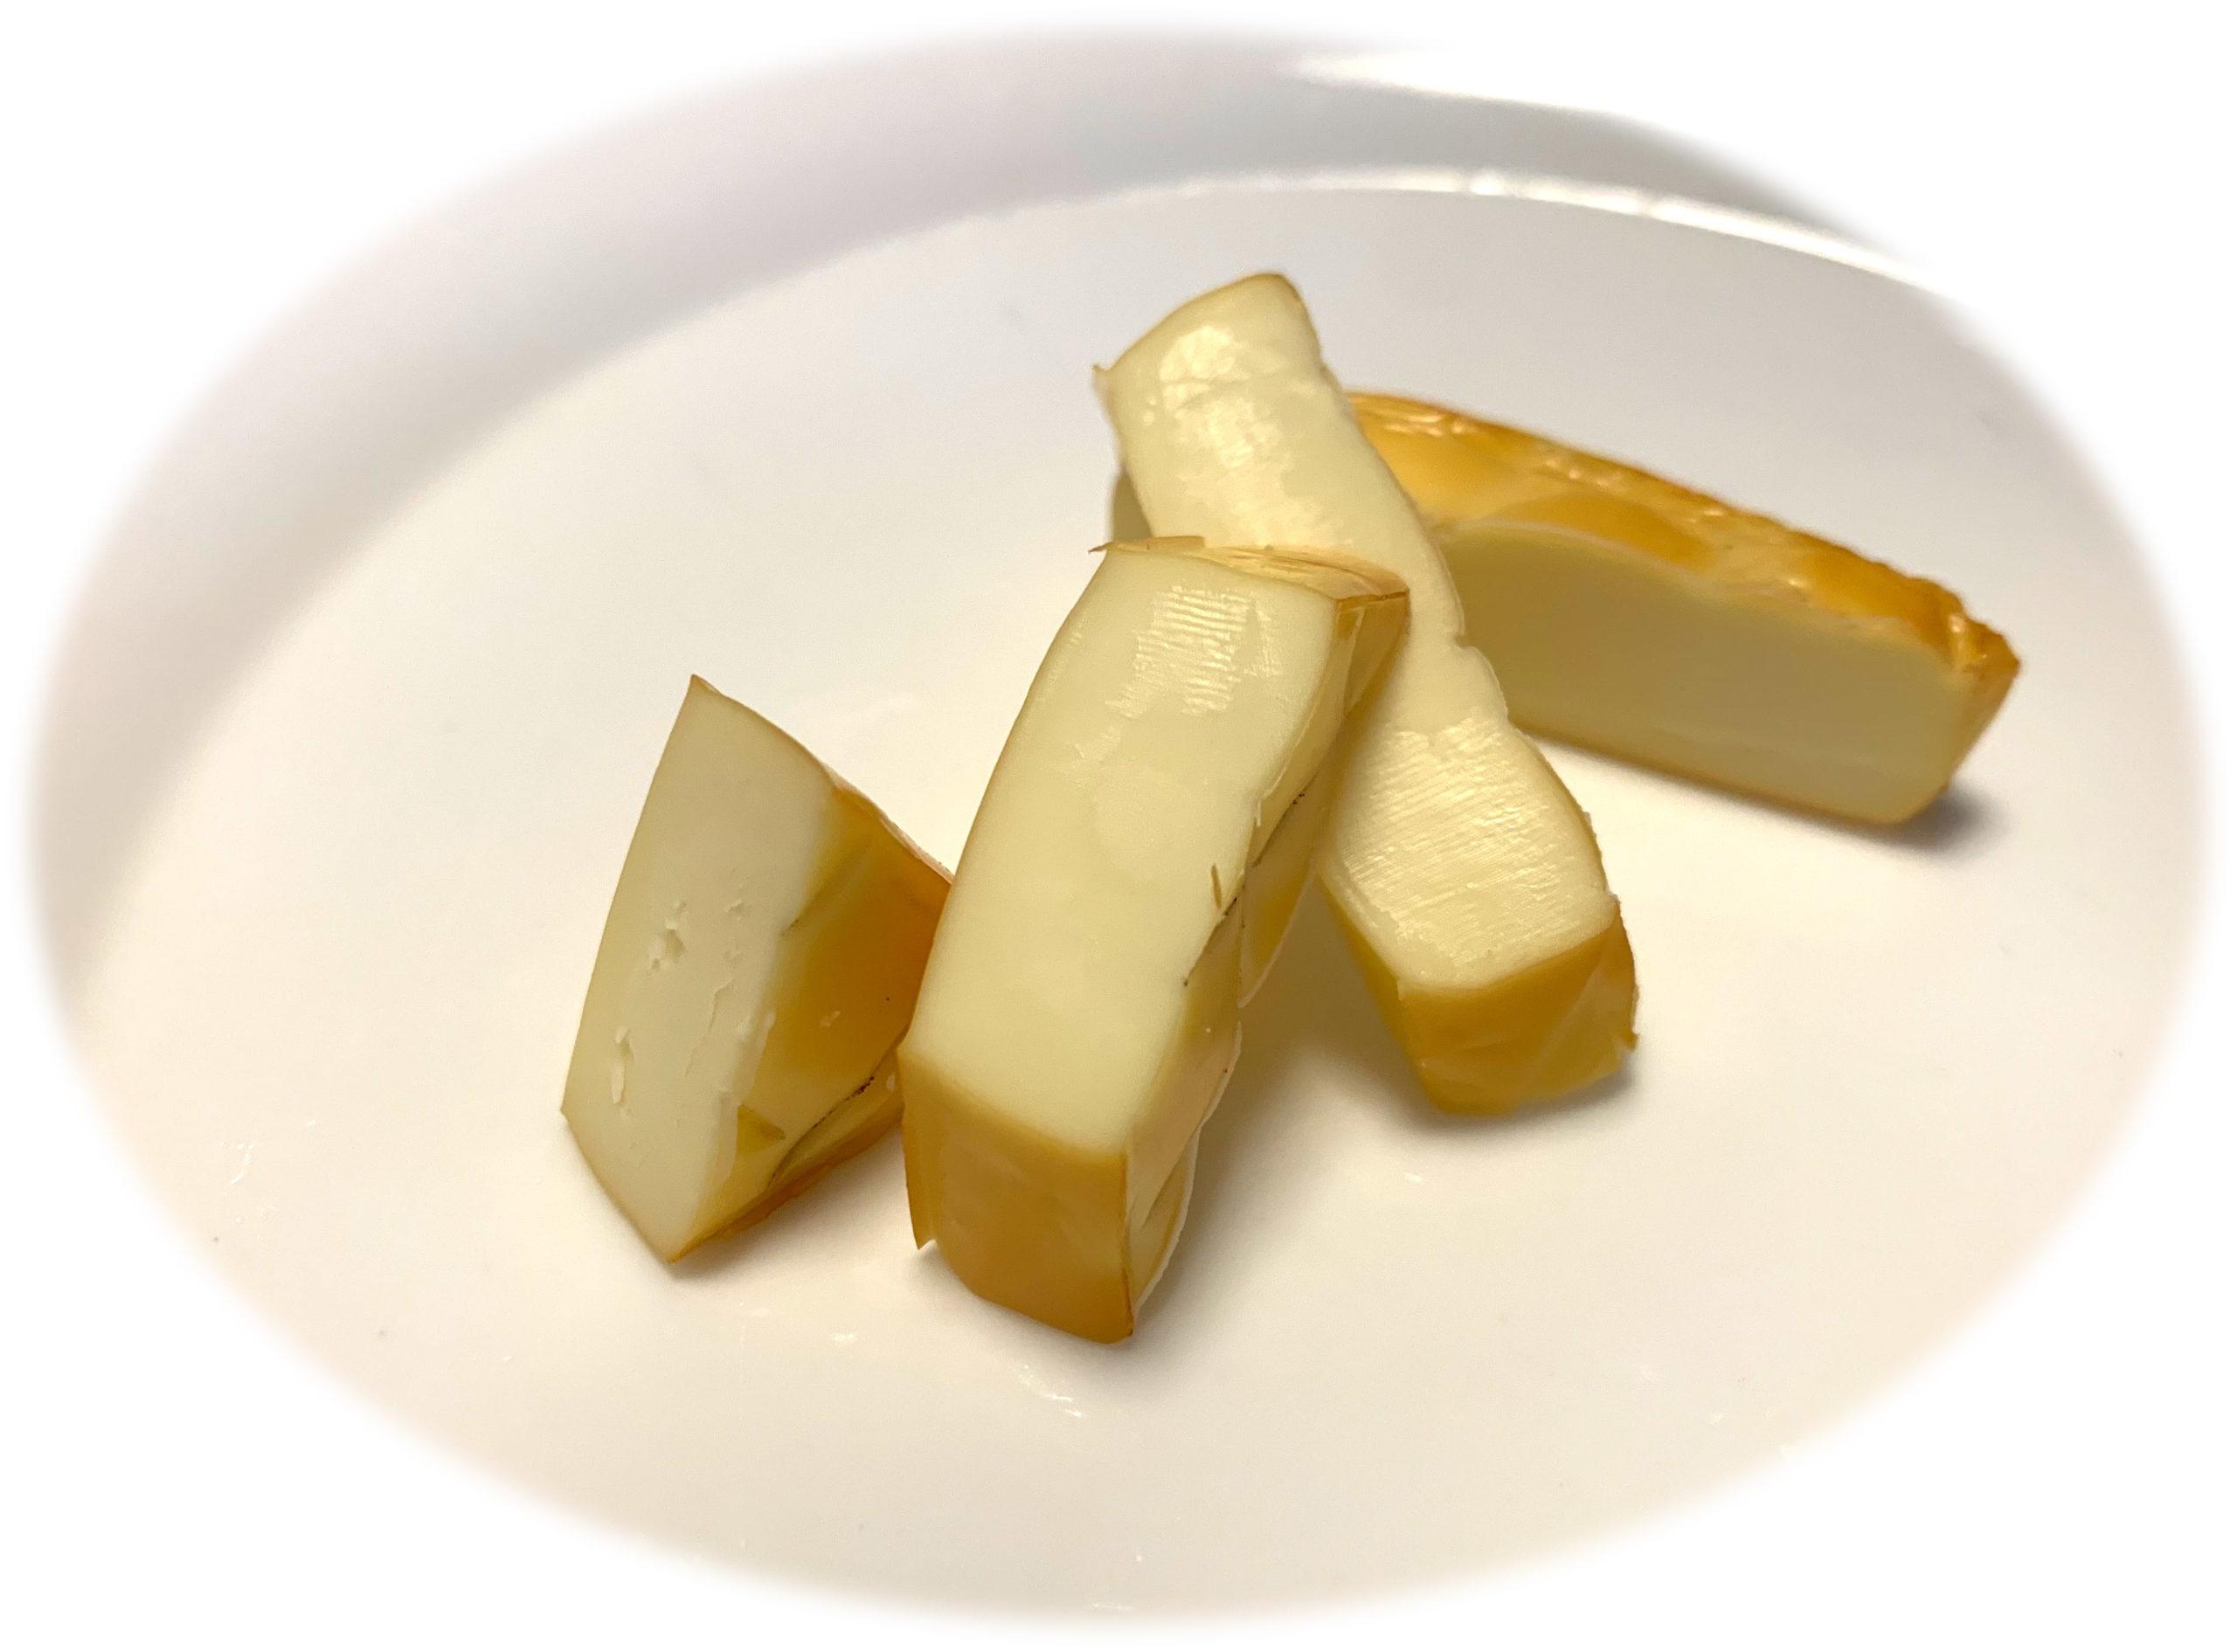 ダジン鍋でチーズの燻製を作る